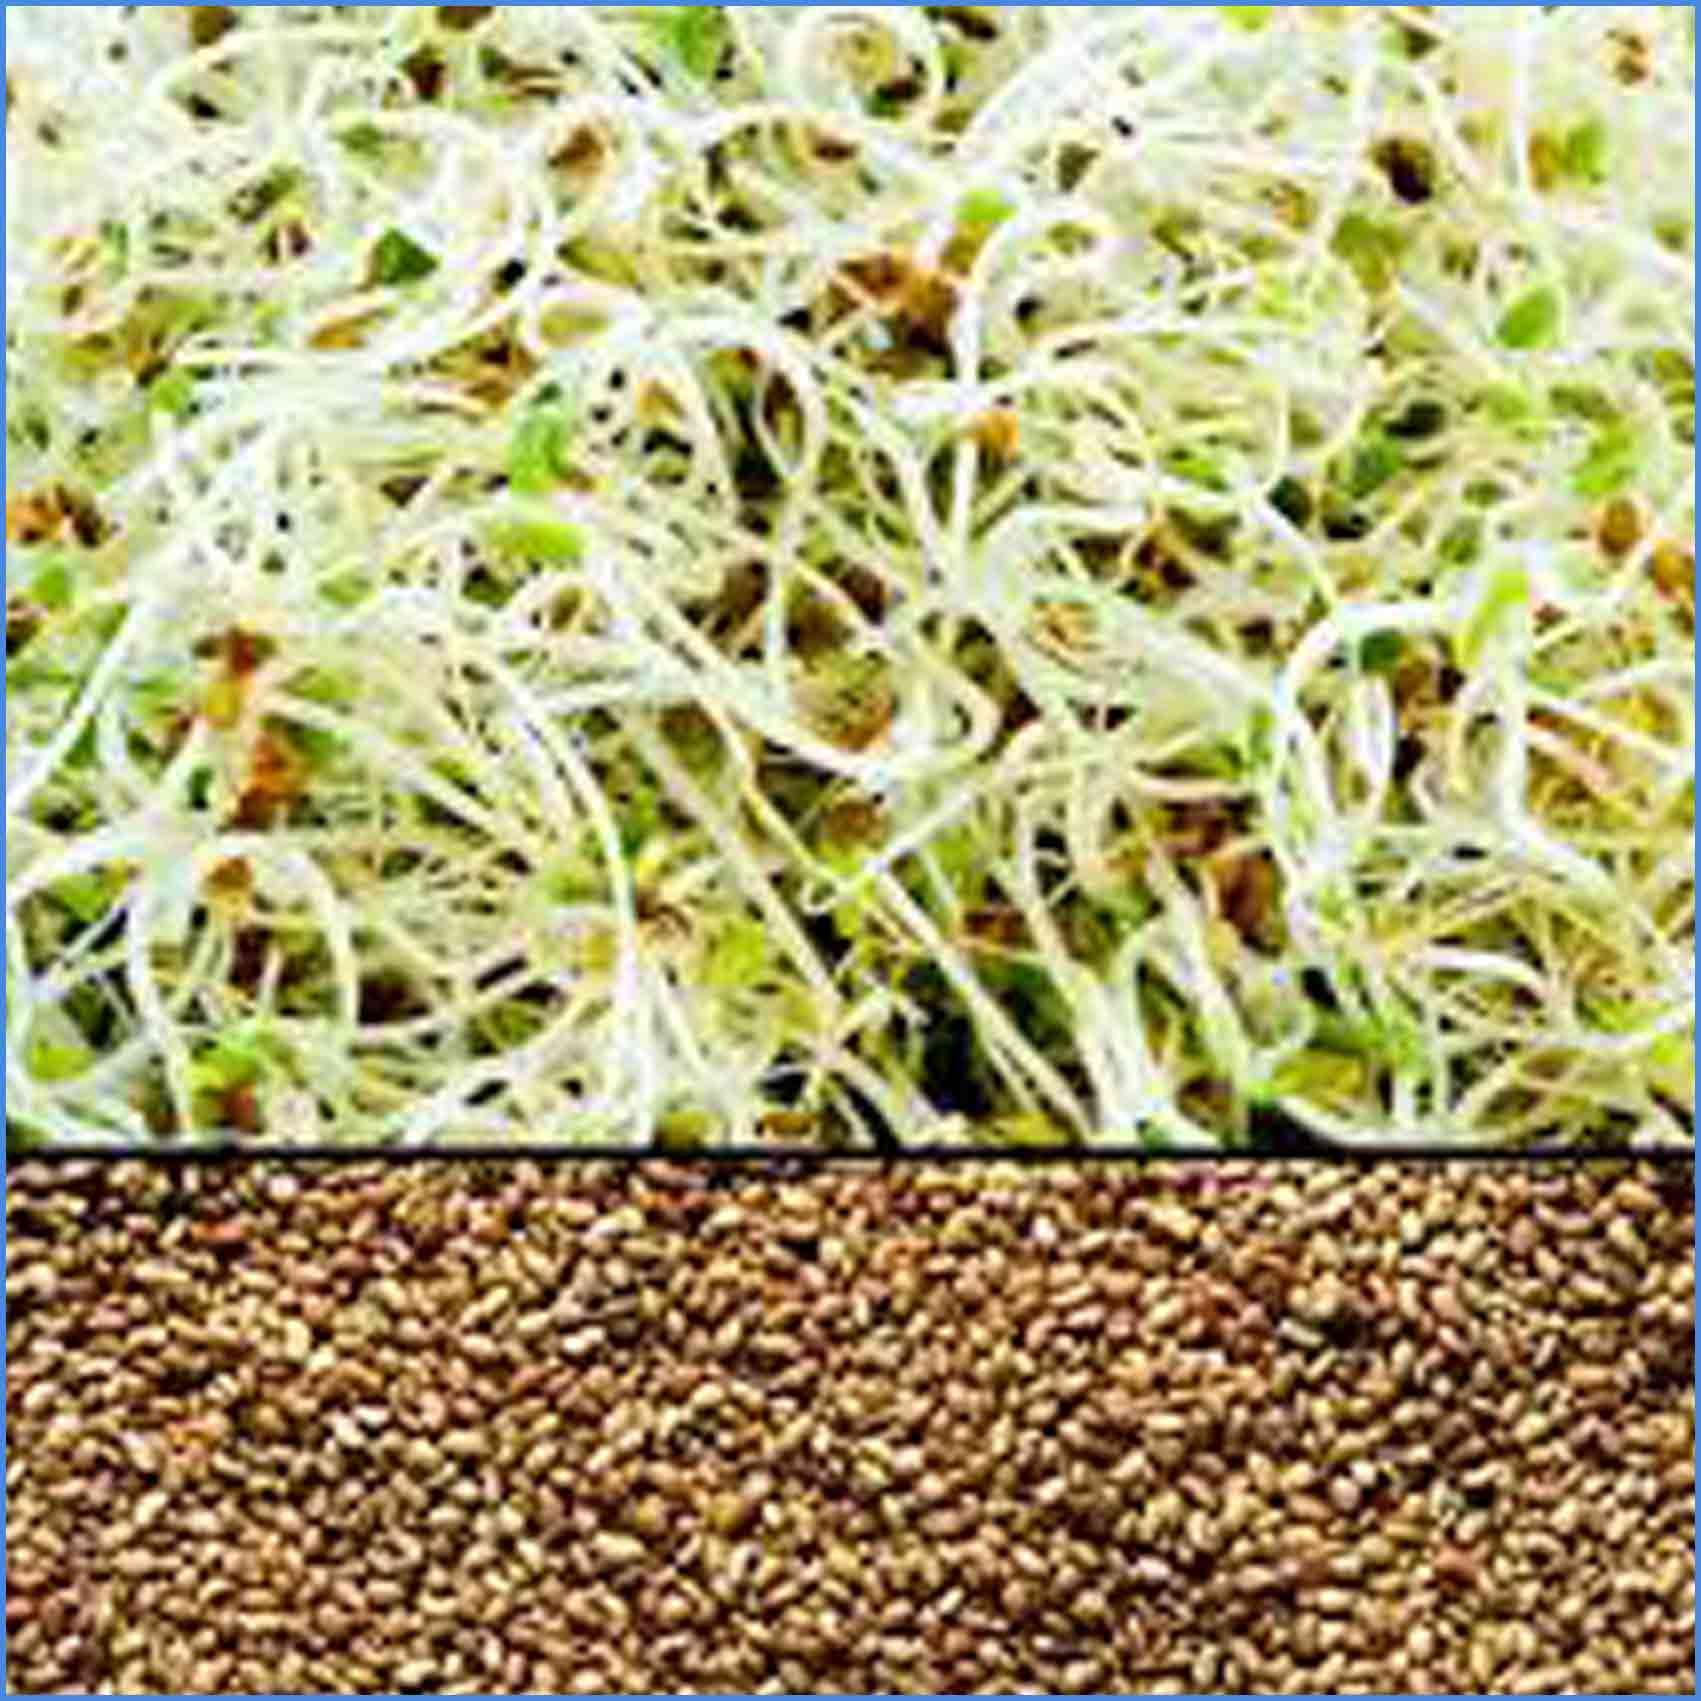 Alfalfa Seed 250g Certified Organic